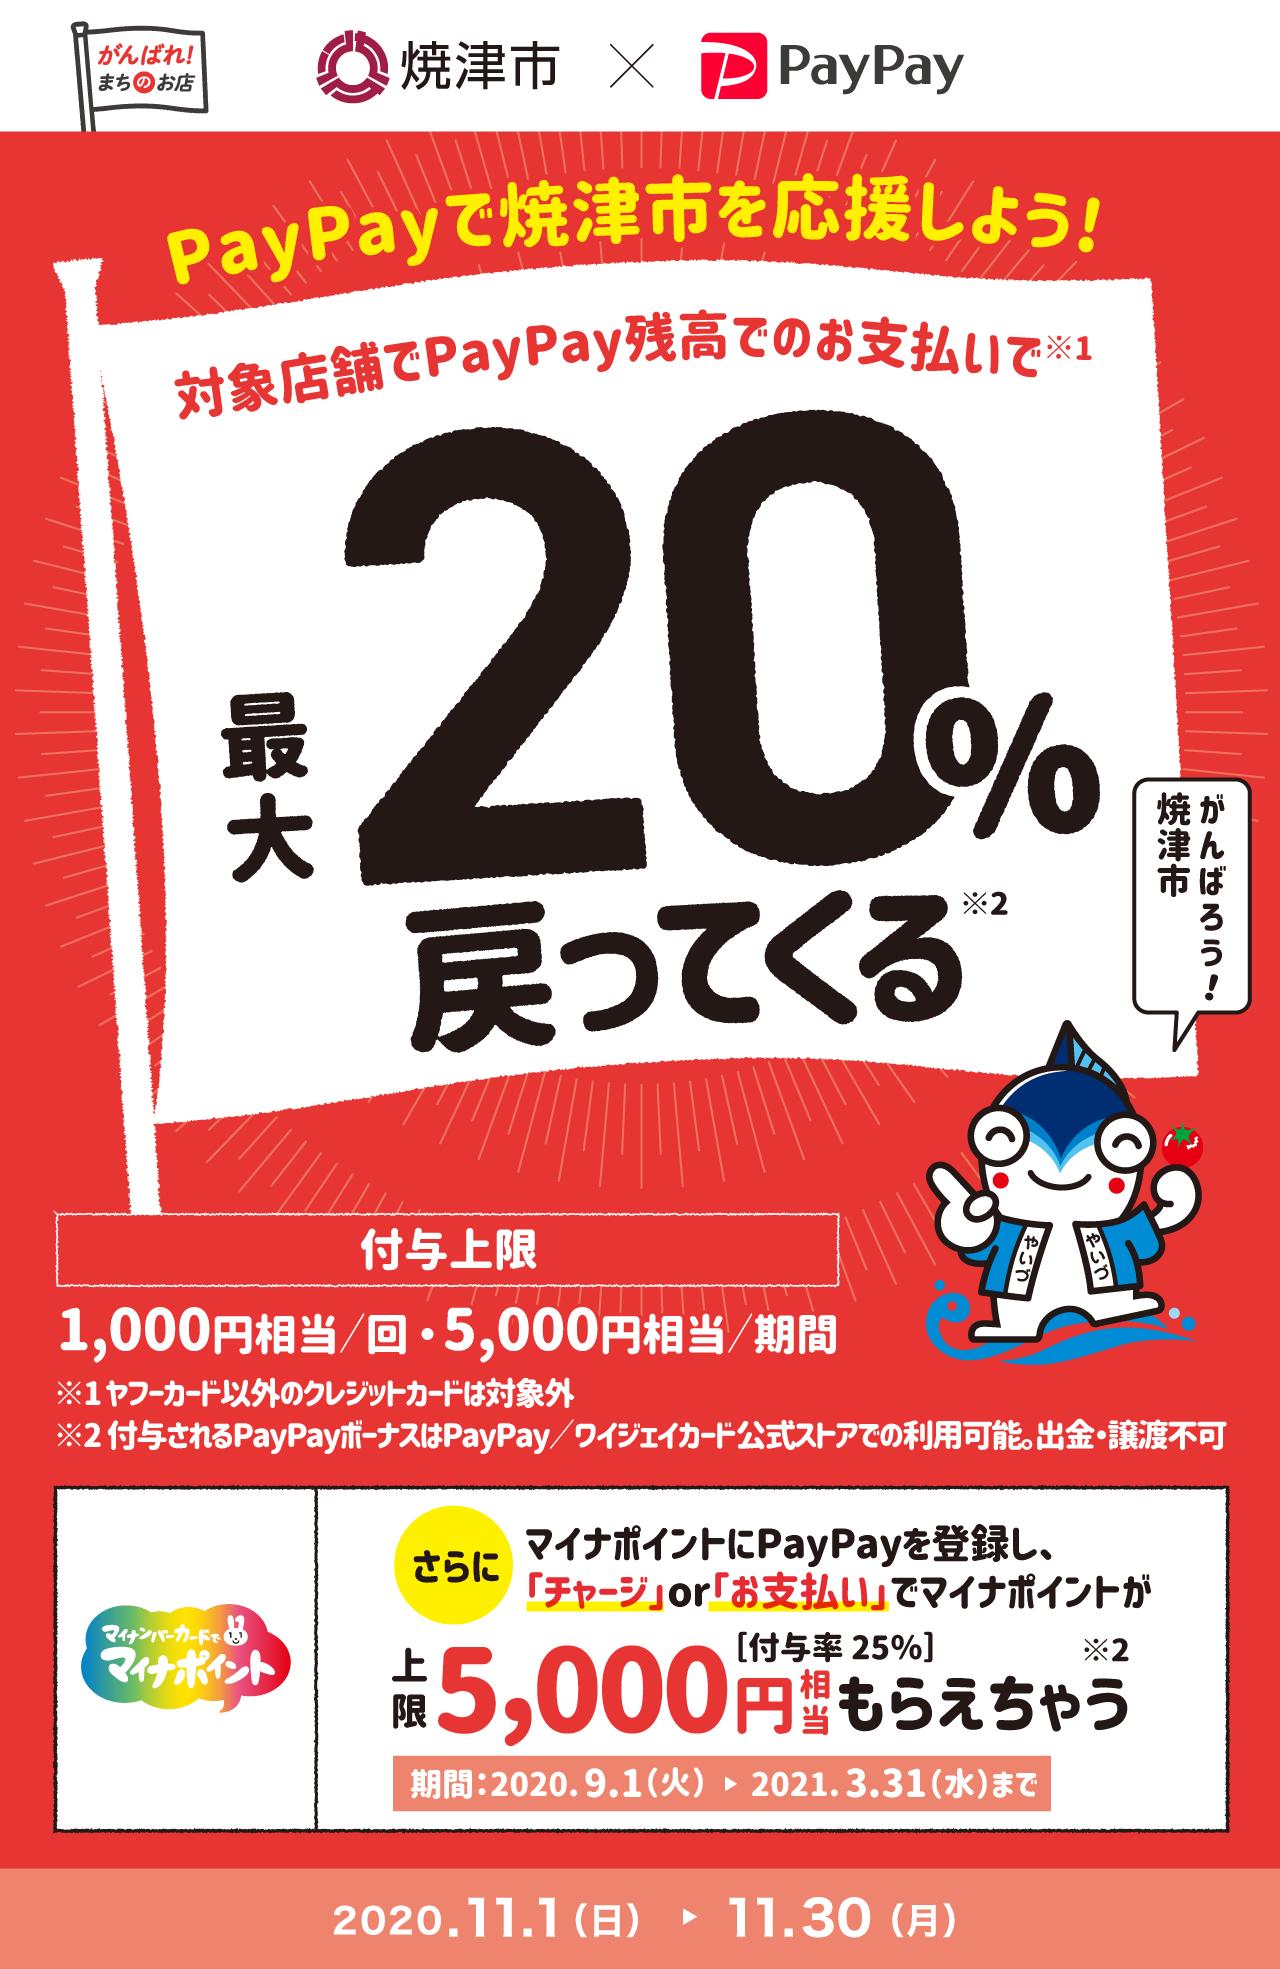 PayPayで焼津市を応援しよう! 対象店舗でPayPay残高でのお支払いで最大20%戻ってくる